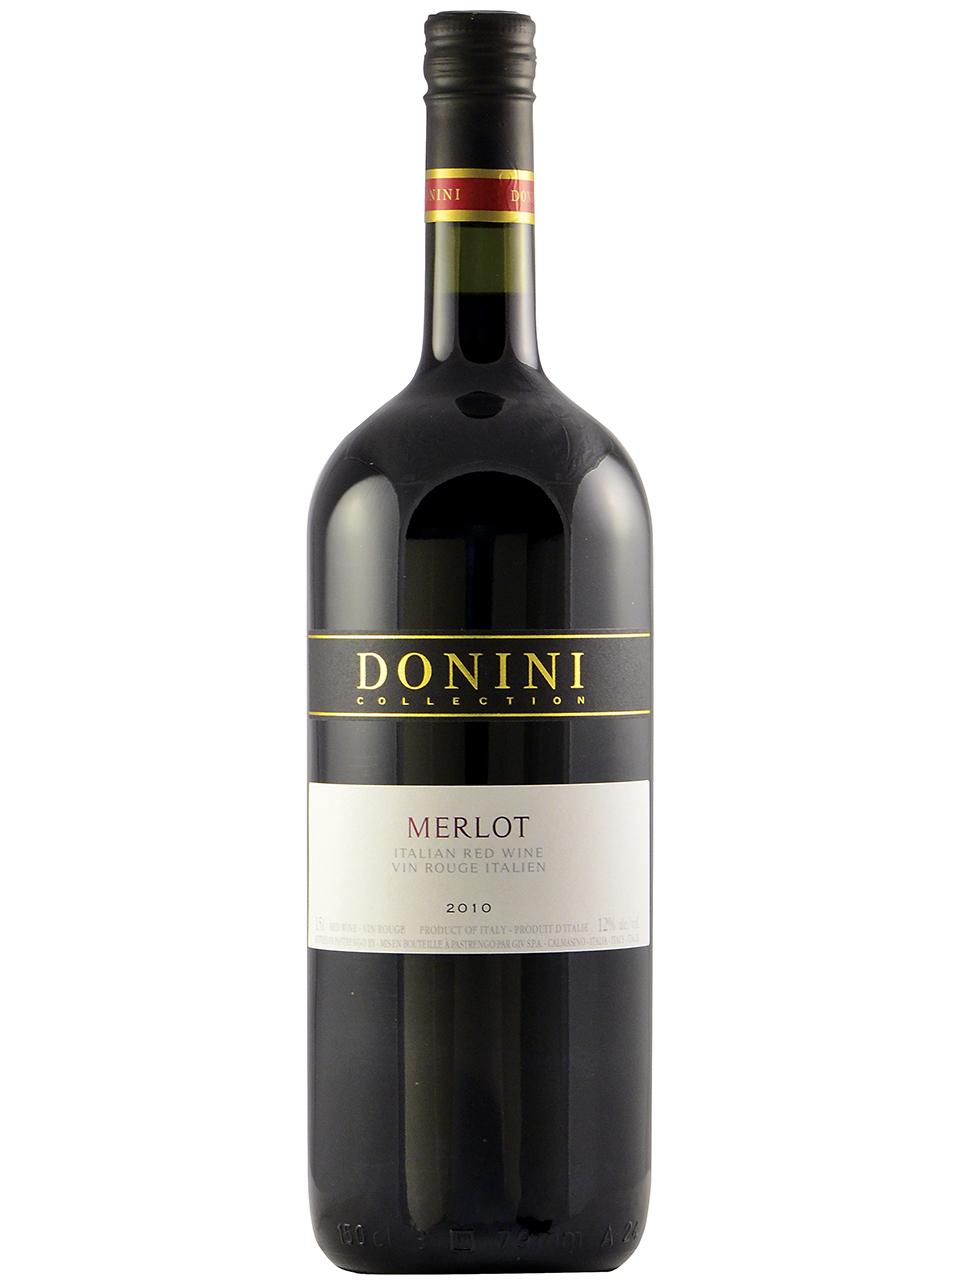 Donini Merlot Delle Venezie